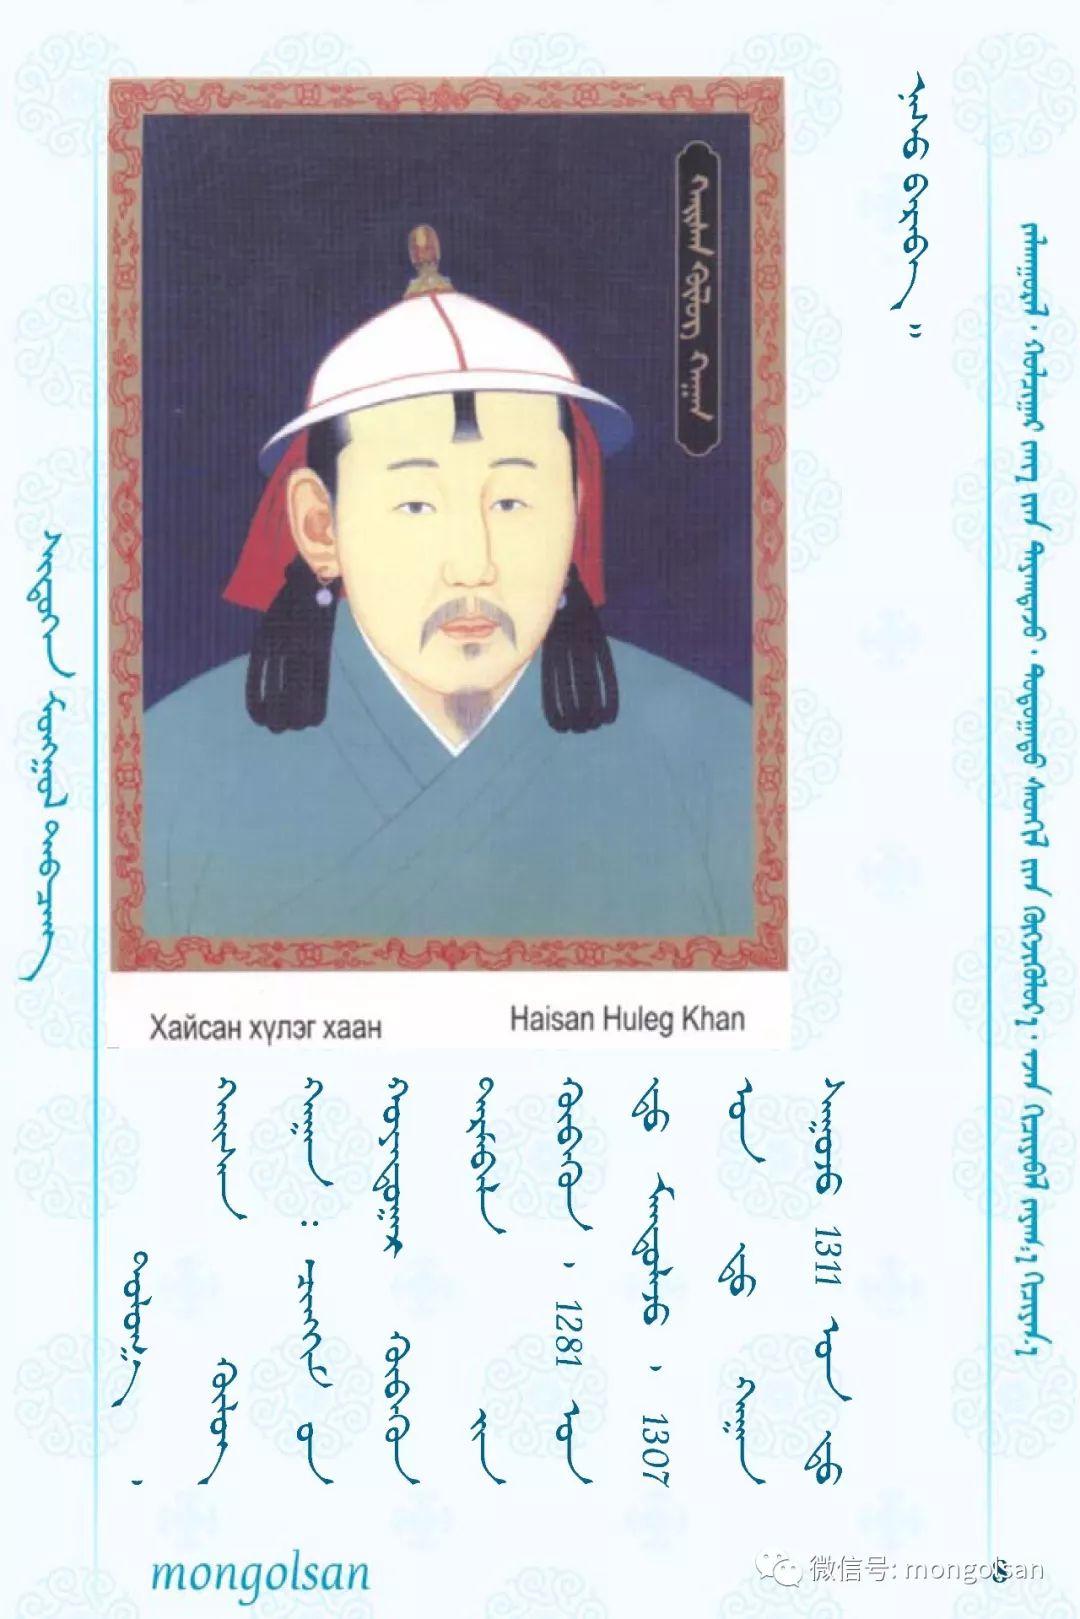 【关注】蒙古皇帝列表 第8张